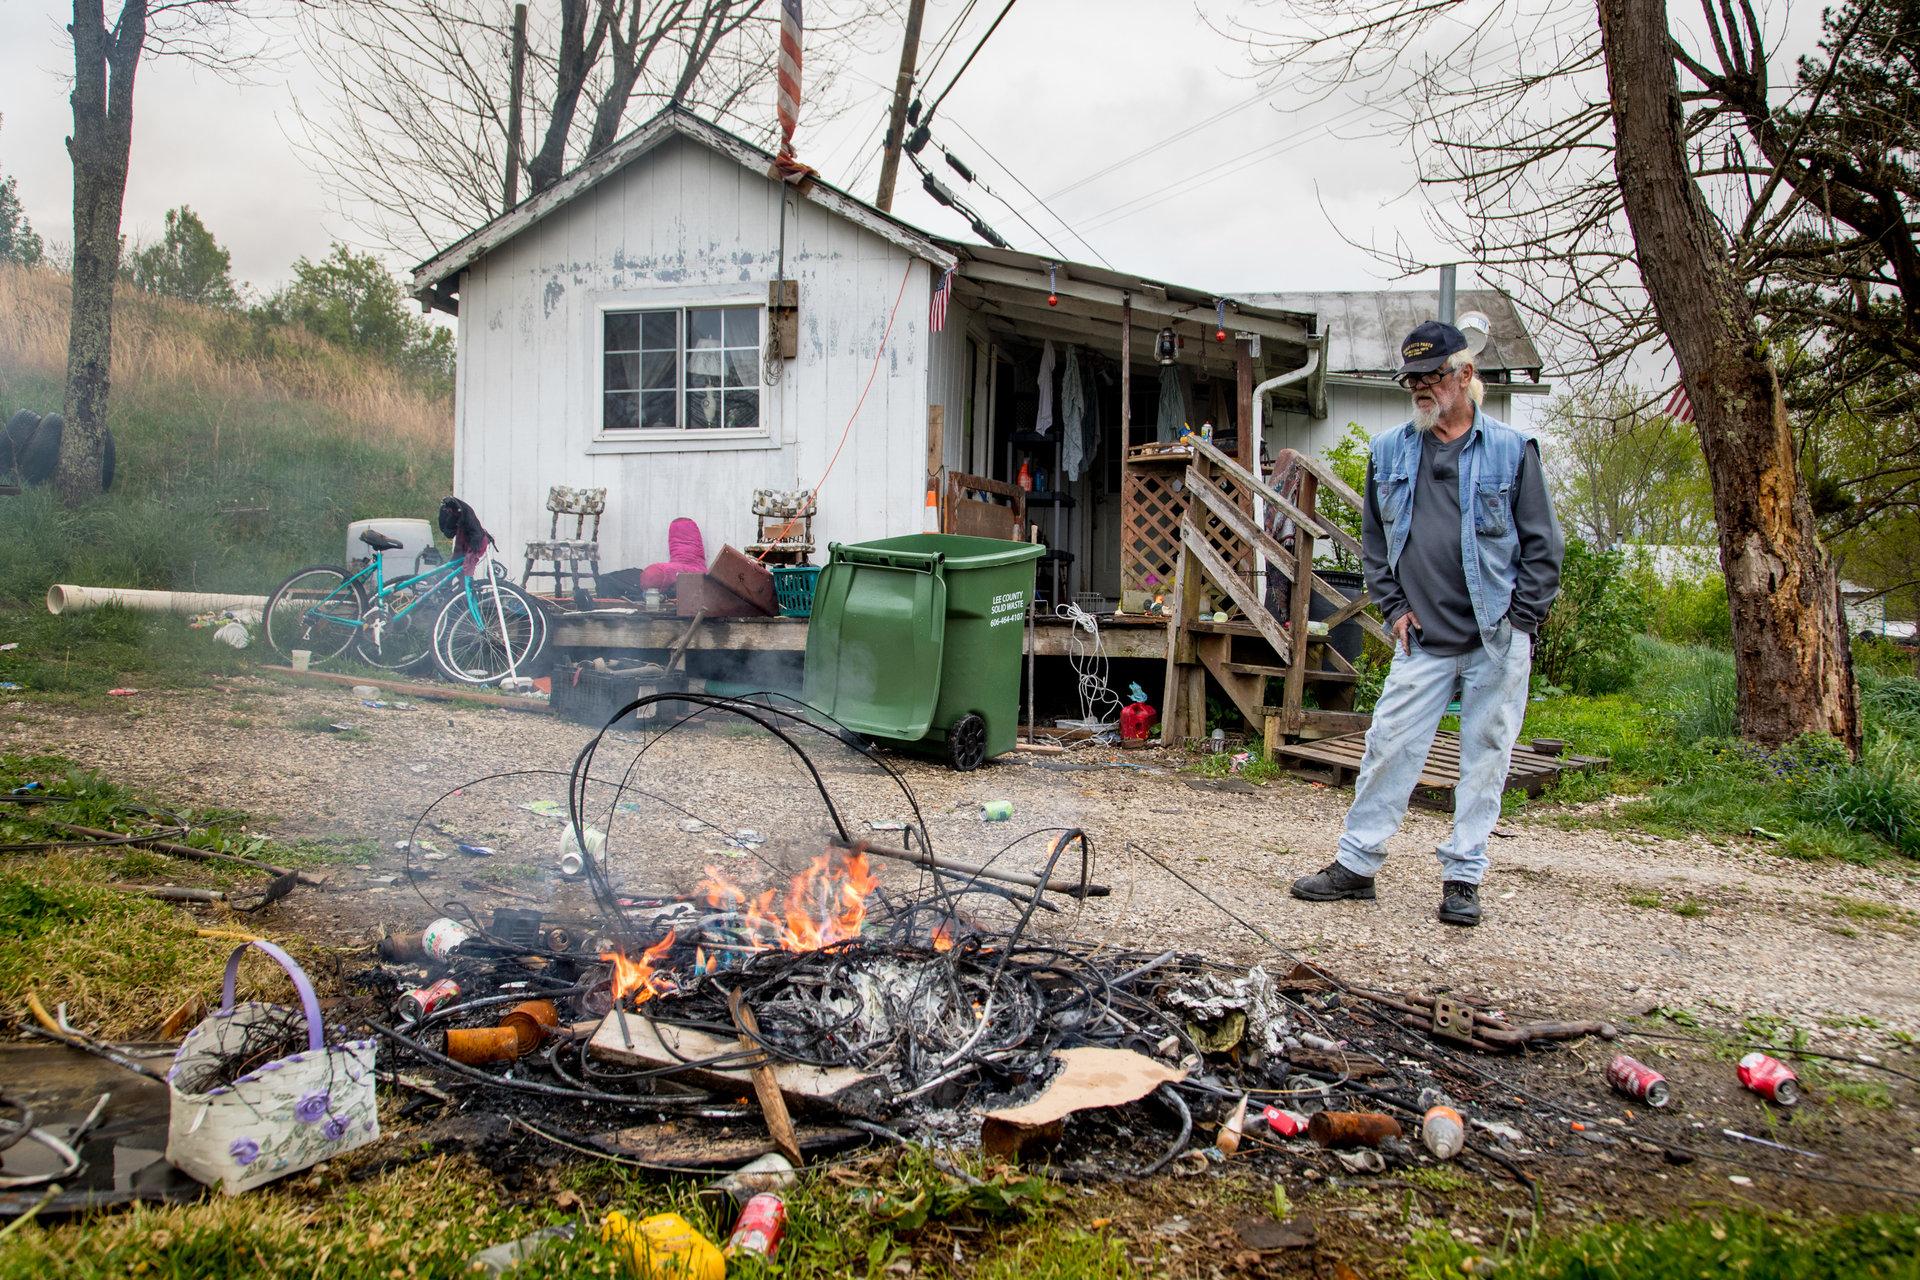 Matt Deaton, 57 ans, brûle des câbles électriques pour revendre les métaux.